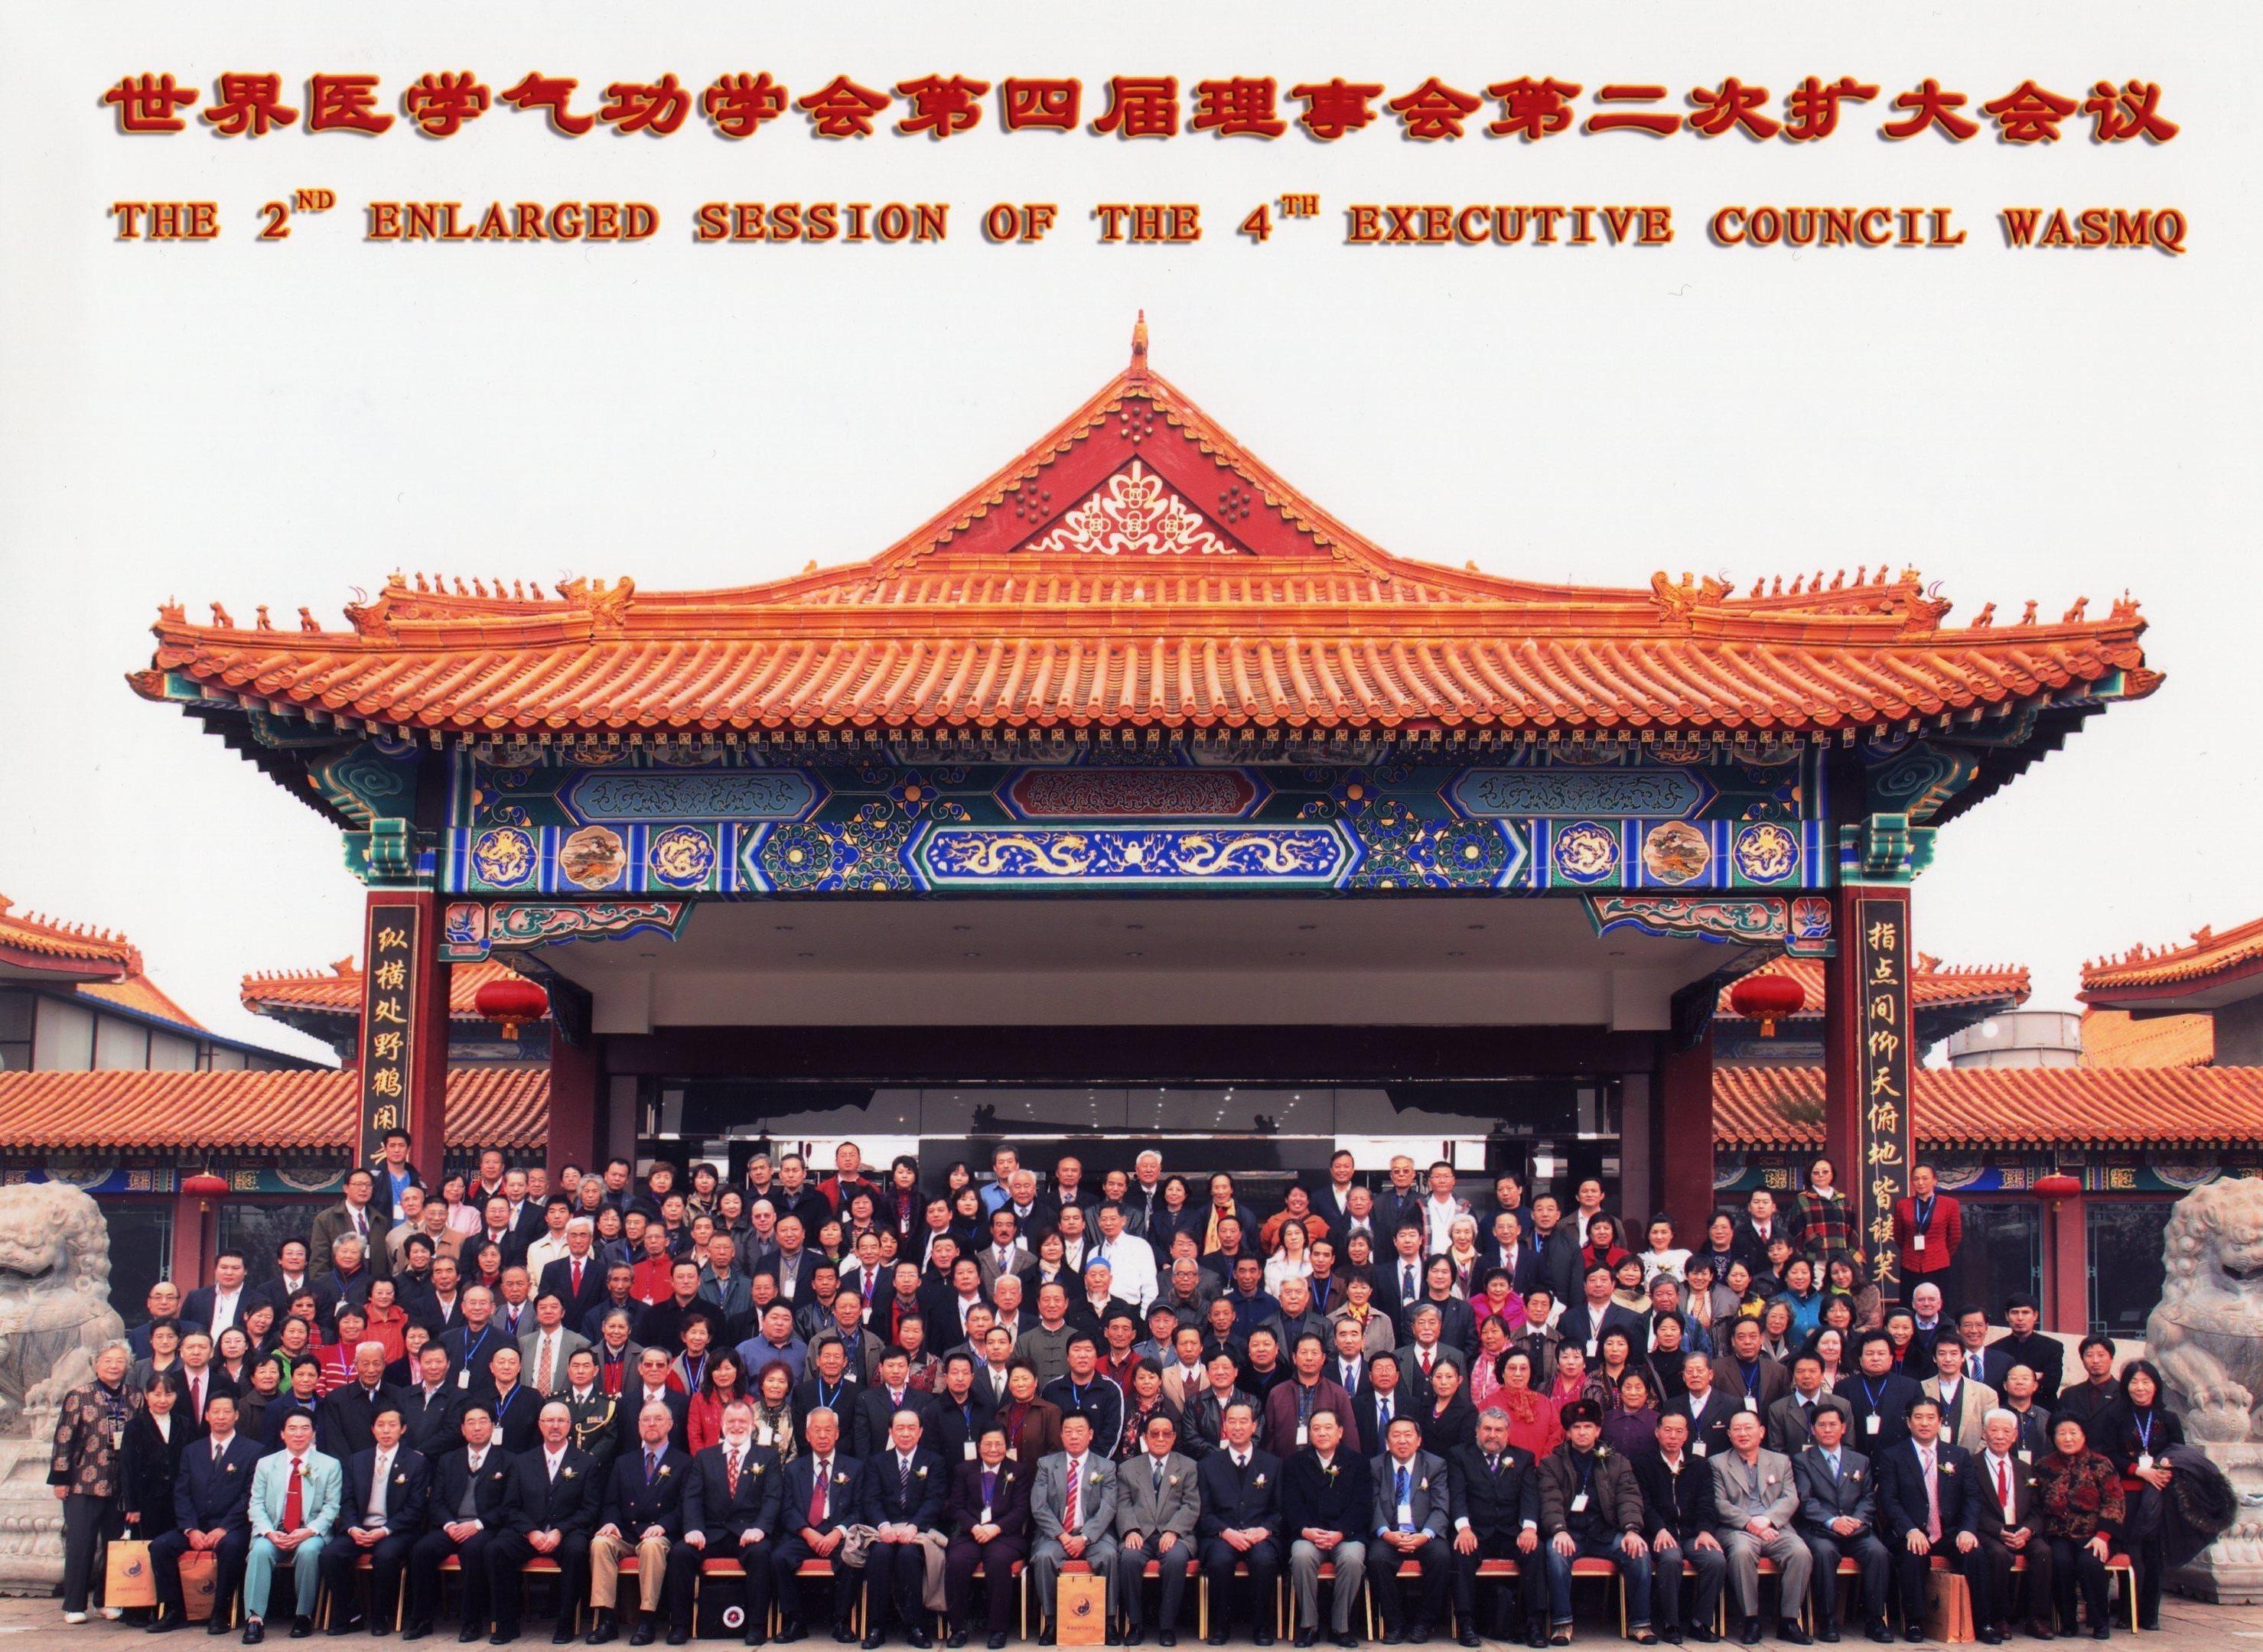 世界医学気功学会 第四回理事会第二次拡大会議 参加者全員による集合写真